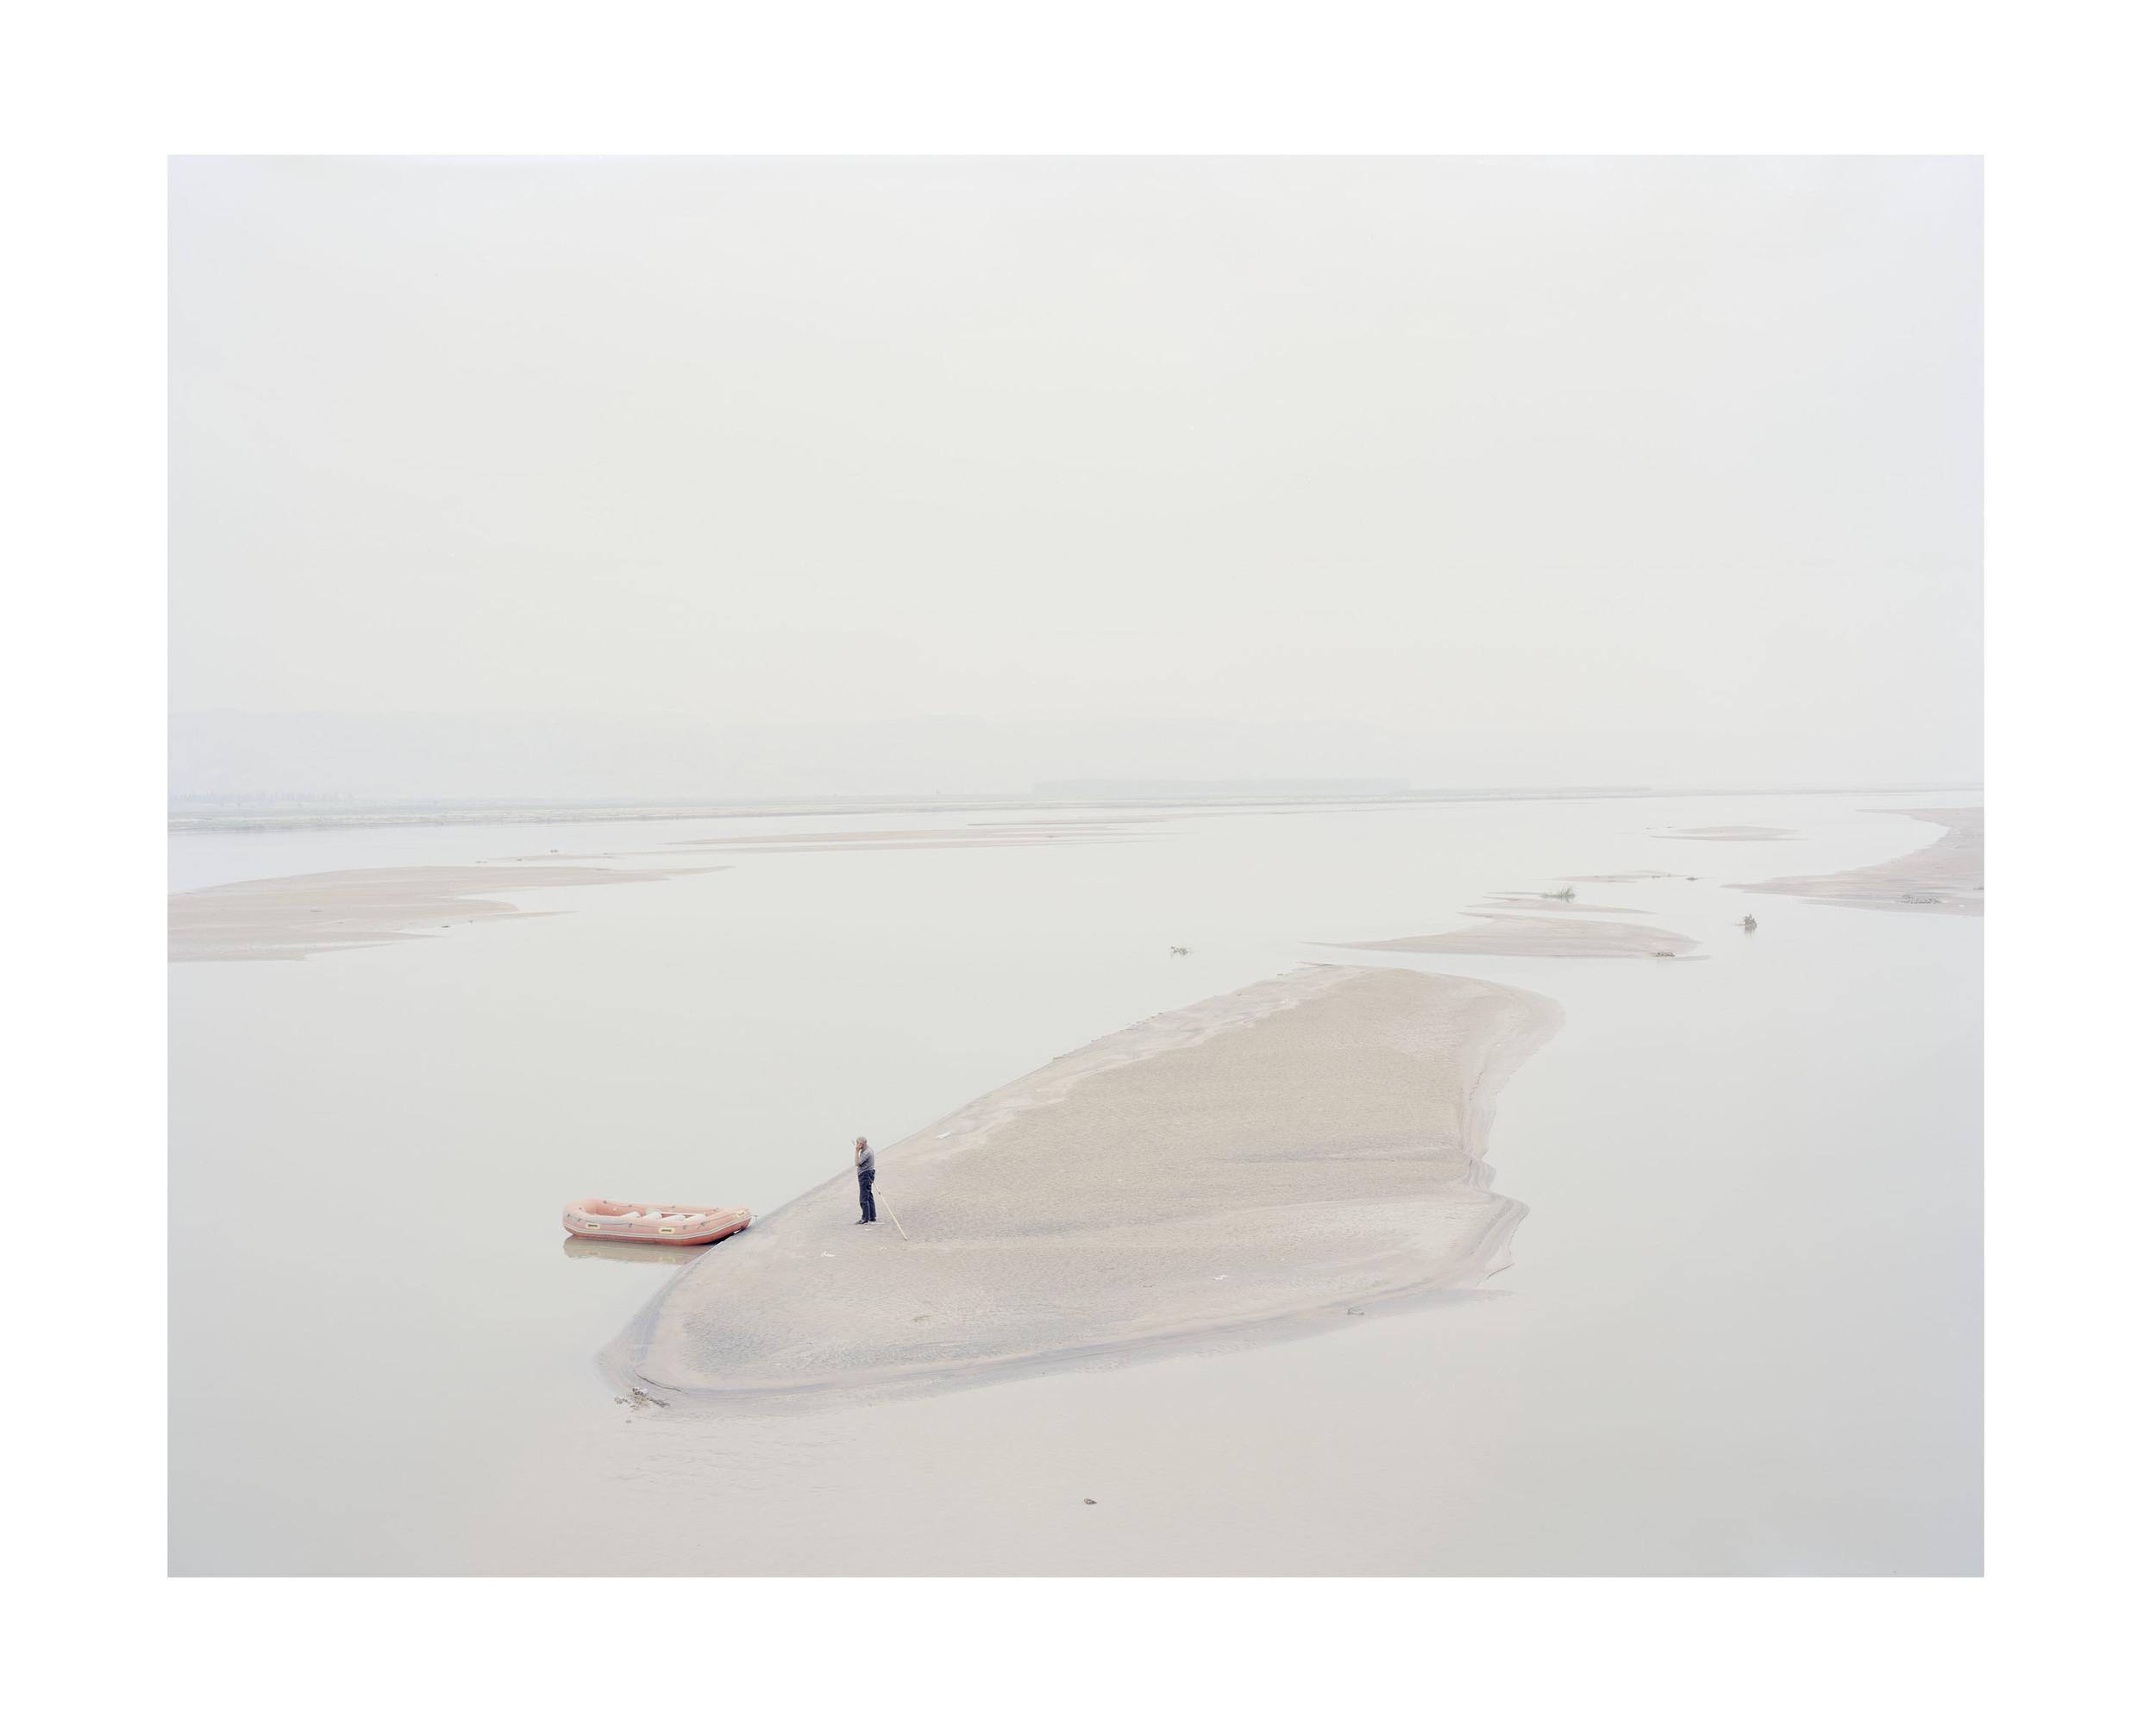 登上在河心小島的人, 陝西, 2012            100 x 120   厘米  / 140 x 168 厘米